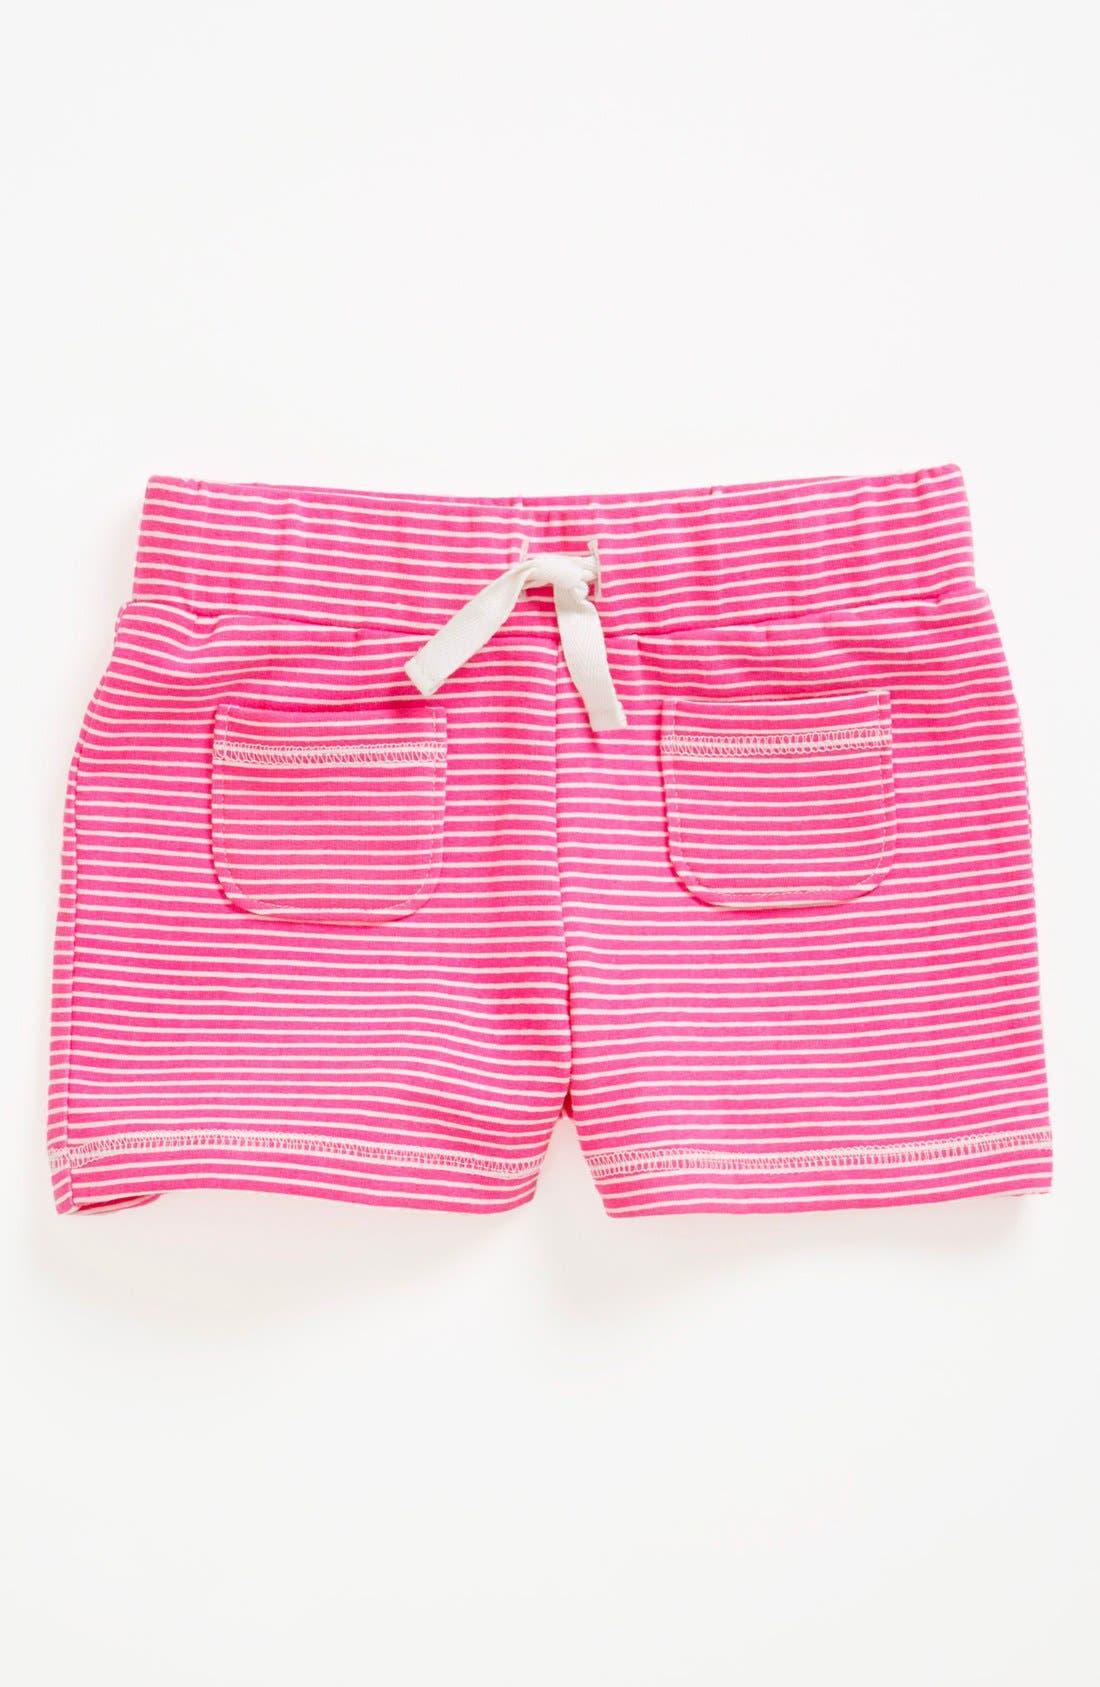 Main Image - Tucker + Tate 'Sadie' Knit Shorts (Toddler Girls)